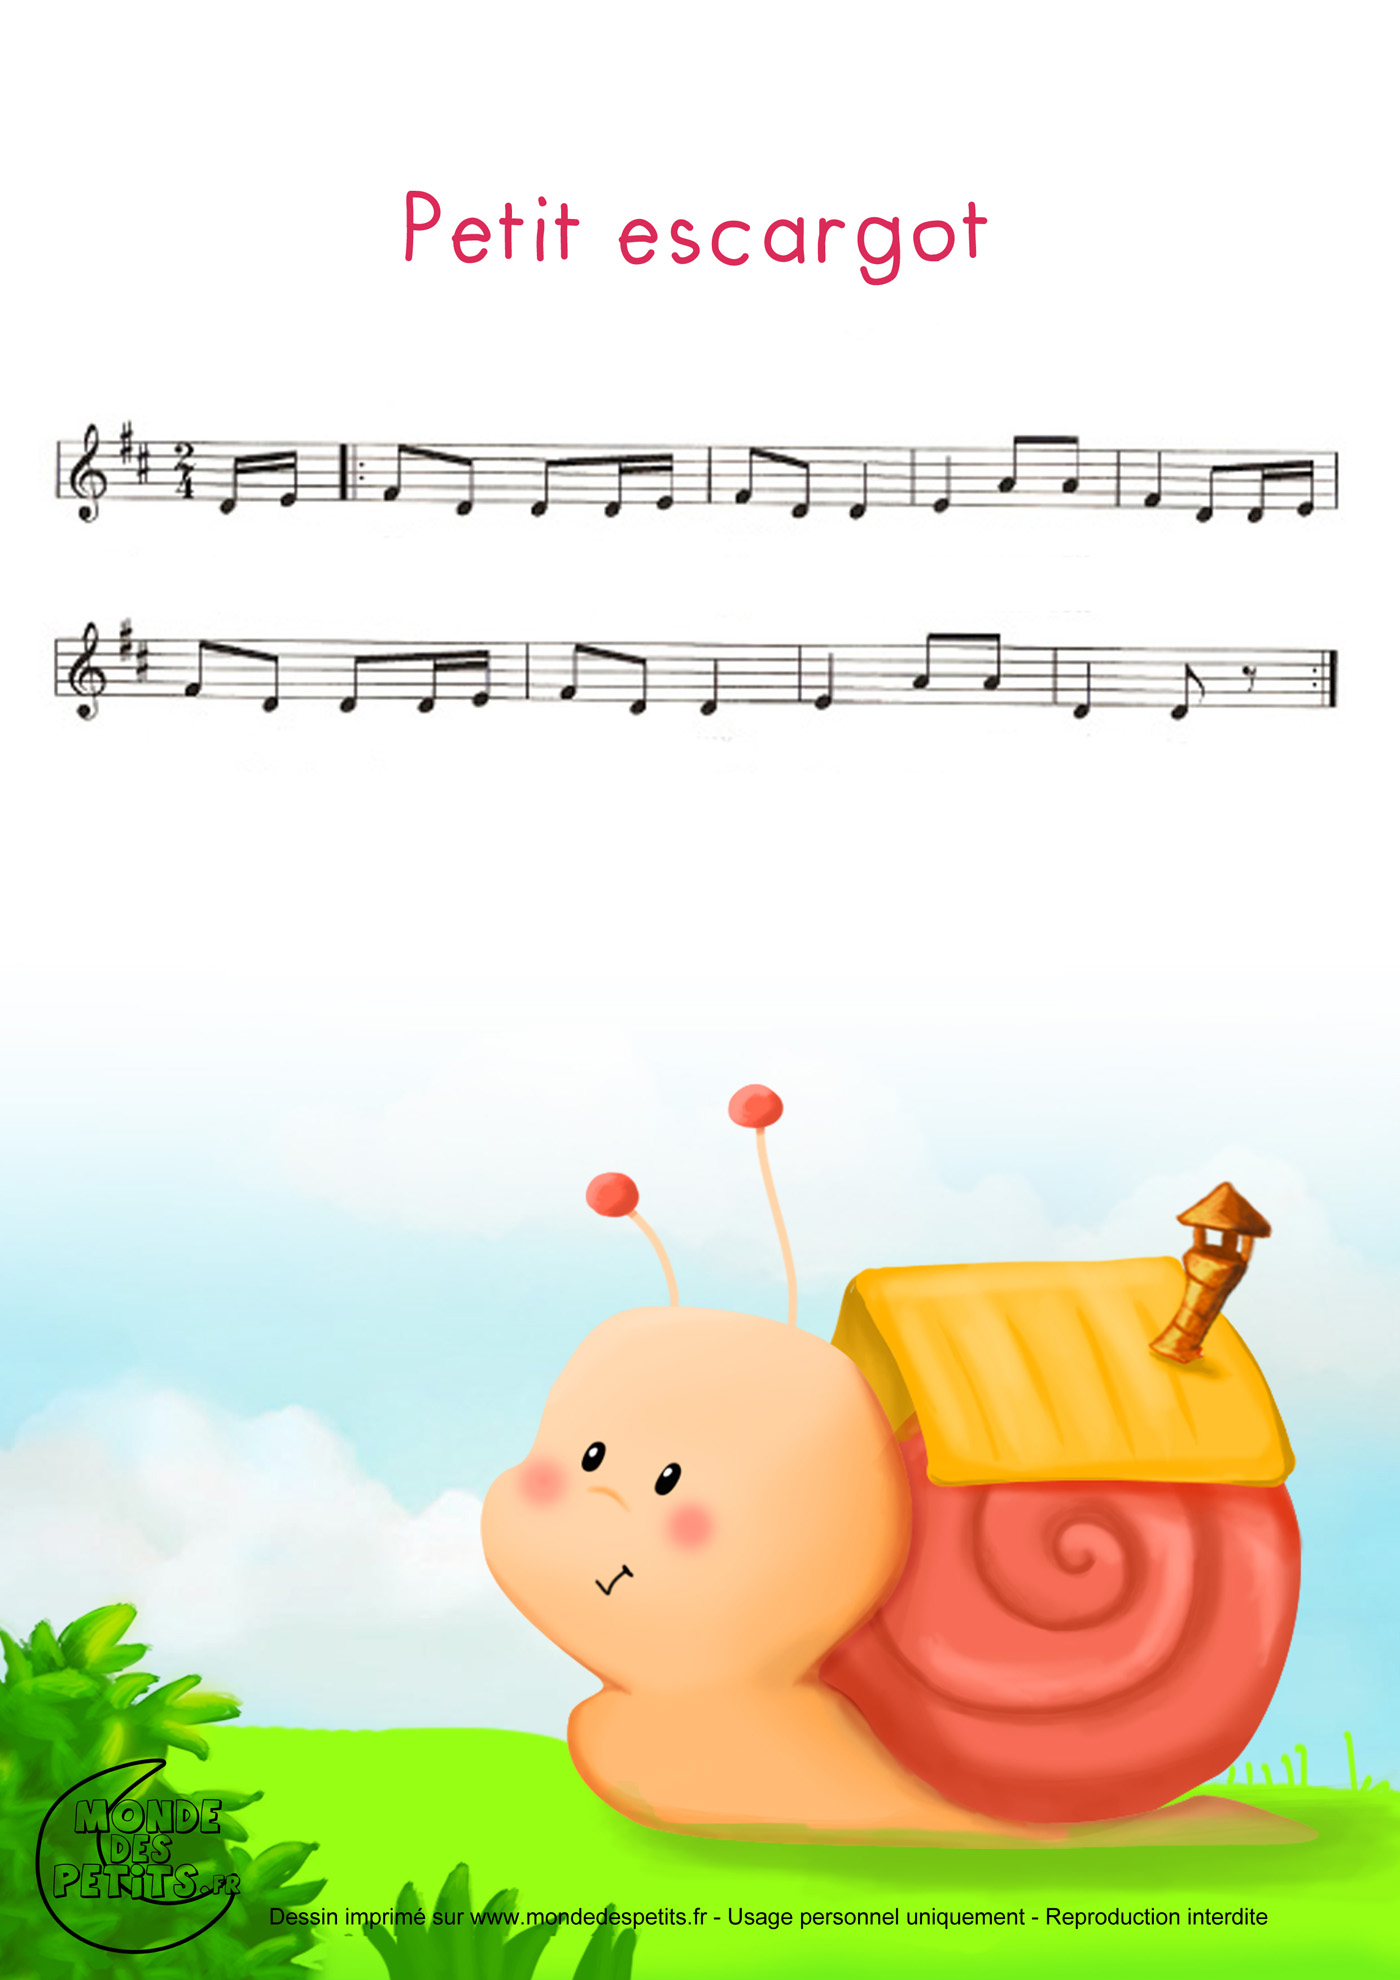 comptine, chanson, enfant, parole, petit, escargot, maisonnette, partition